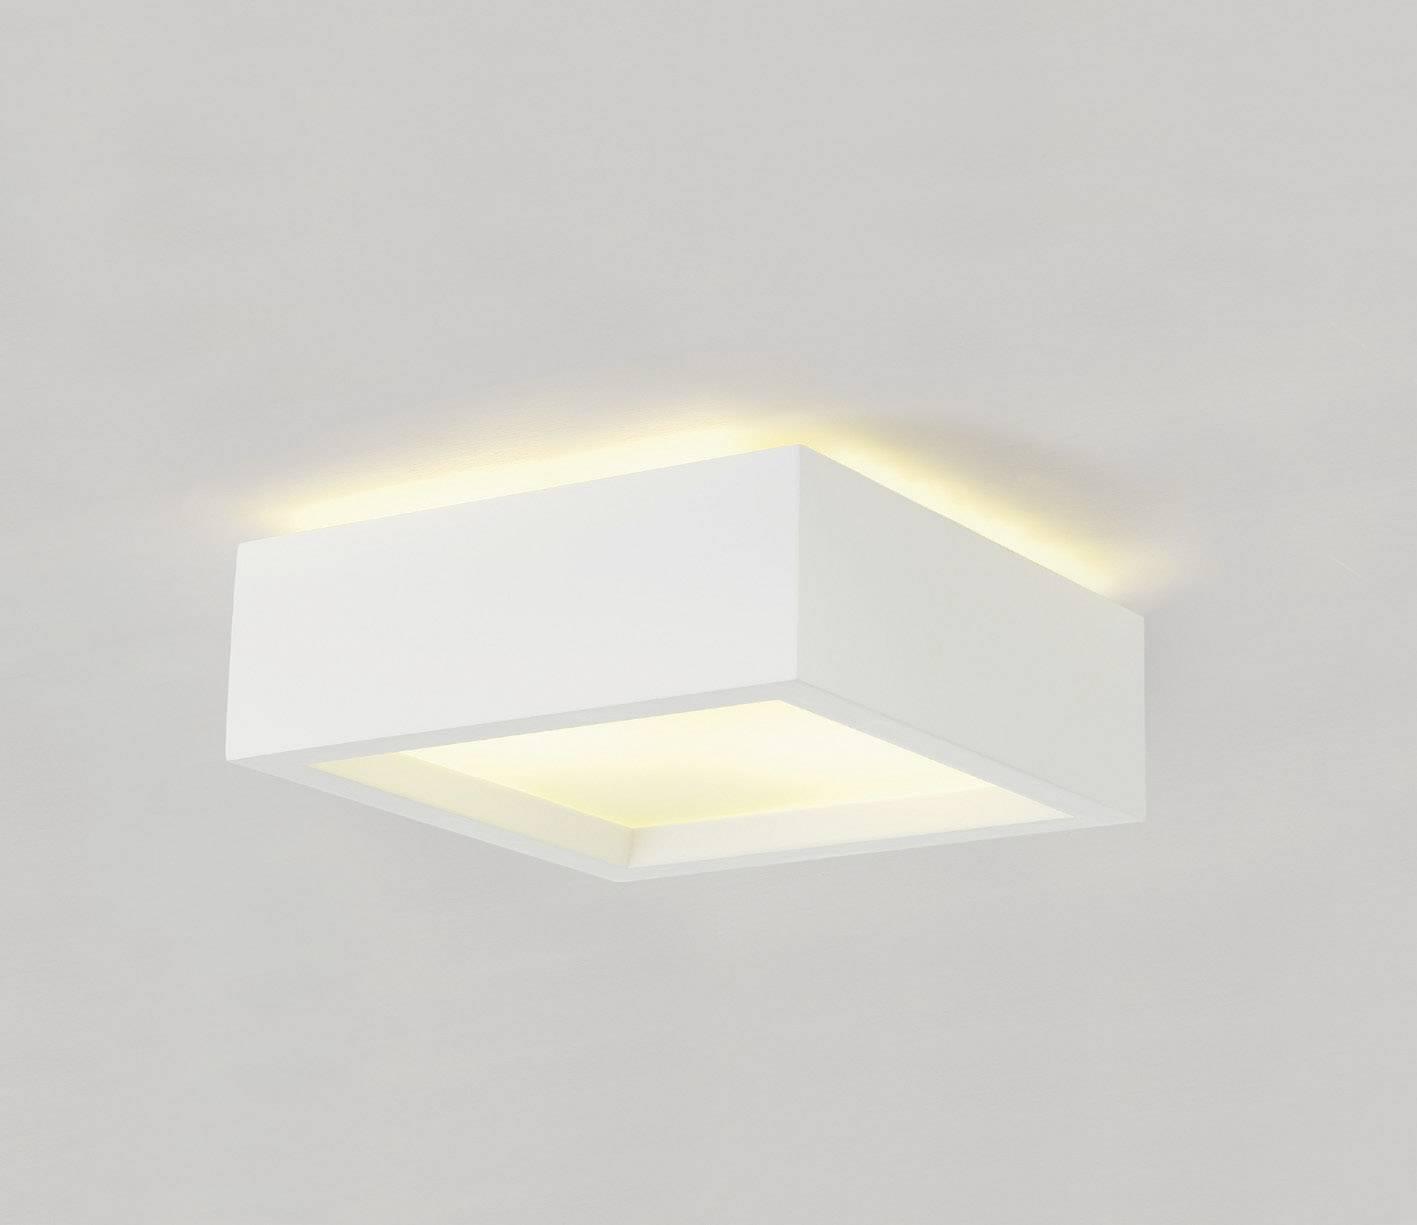 Stropné svetlo úsporná žiarovka SLV GL105 148002, E27, 50 W, biela